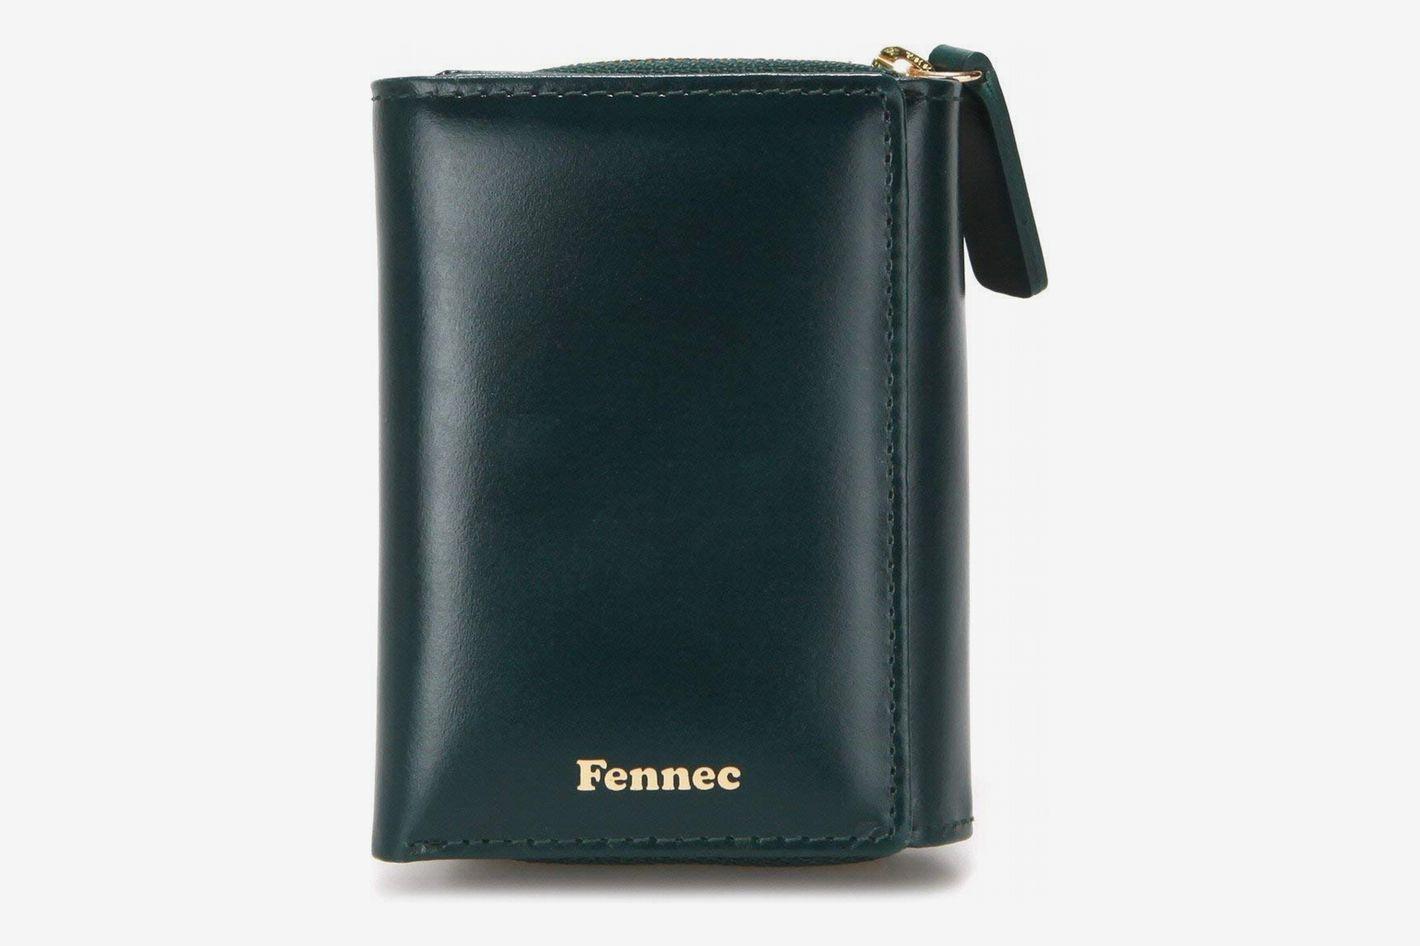 Fennec Triple Pocket Wallet